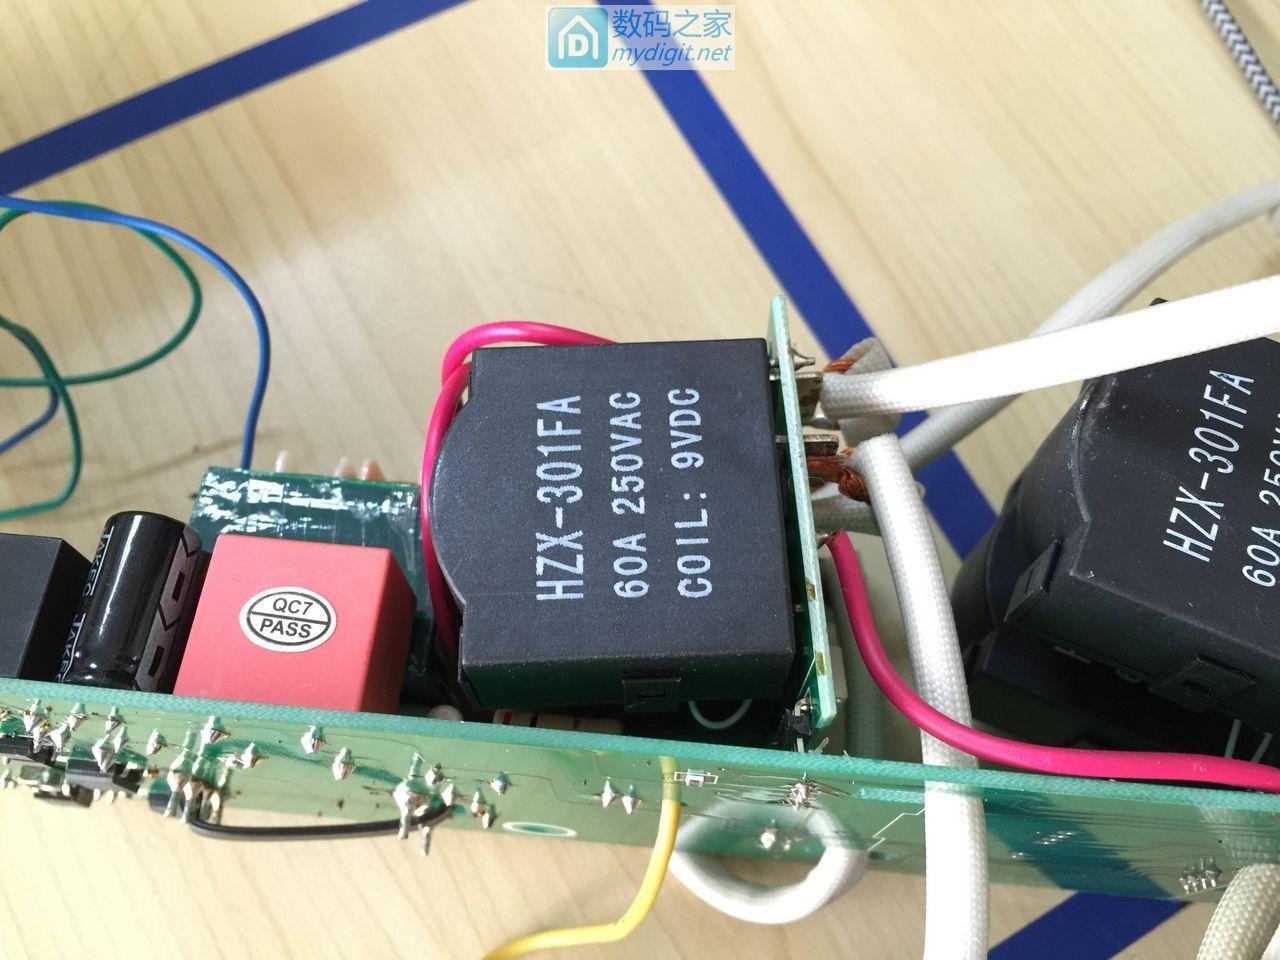 全网首拆:智能型三相交流无功补偿电容,品牌:指月、型号:ZUIC-8SW-0.45-40